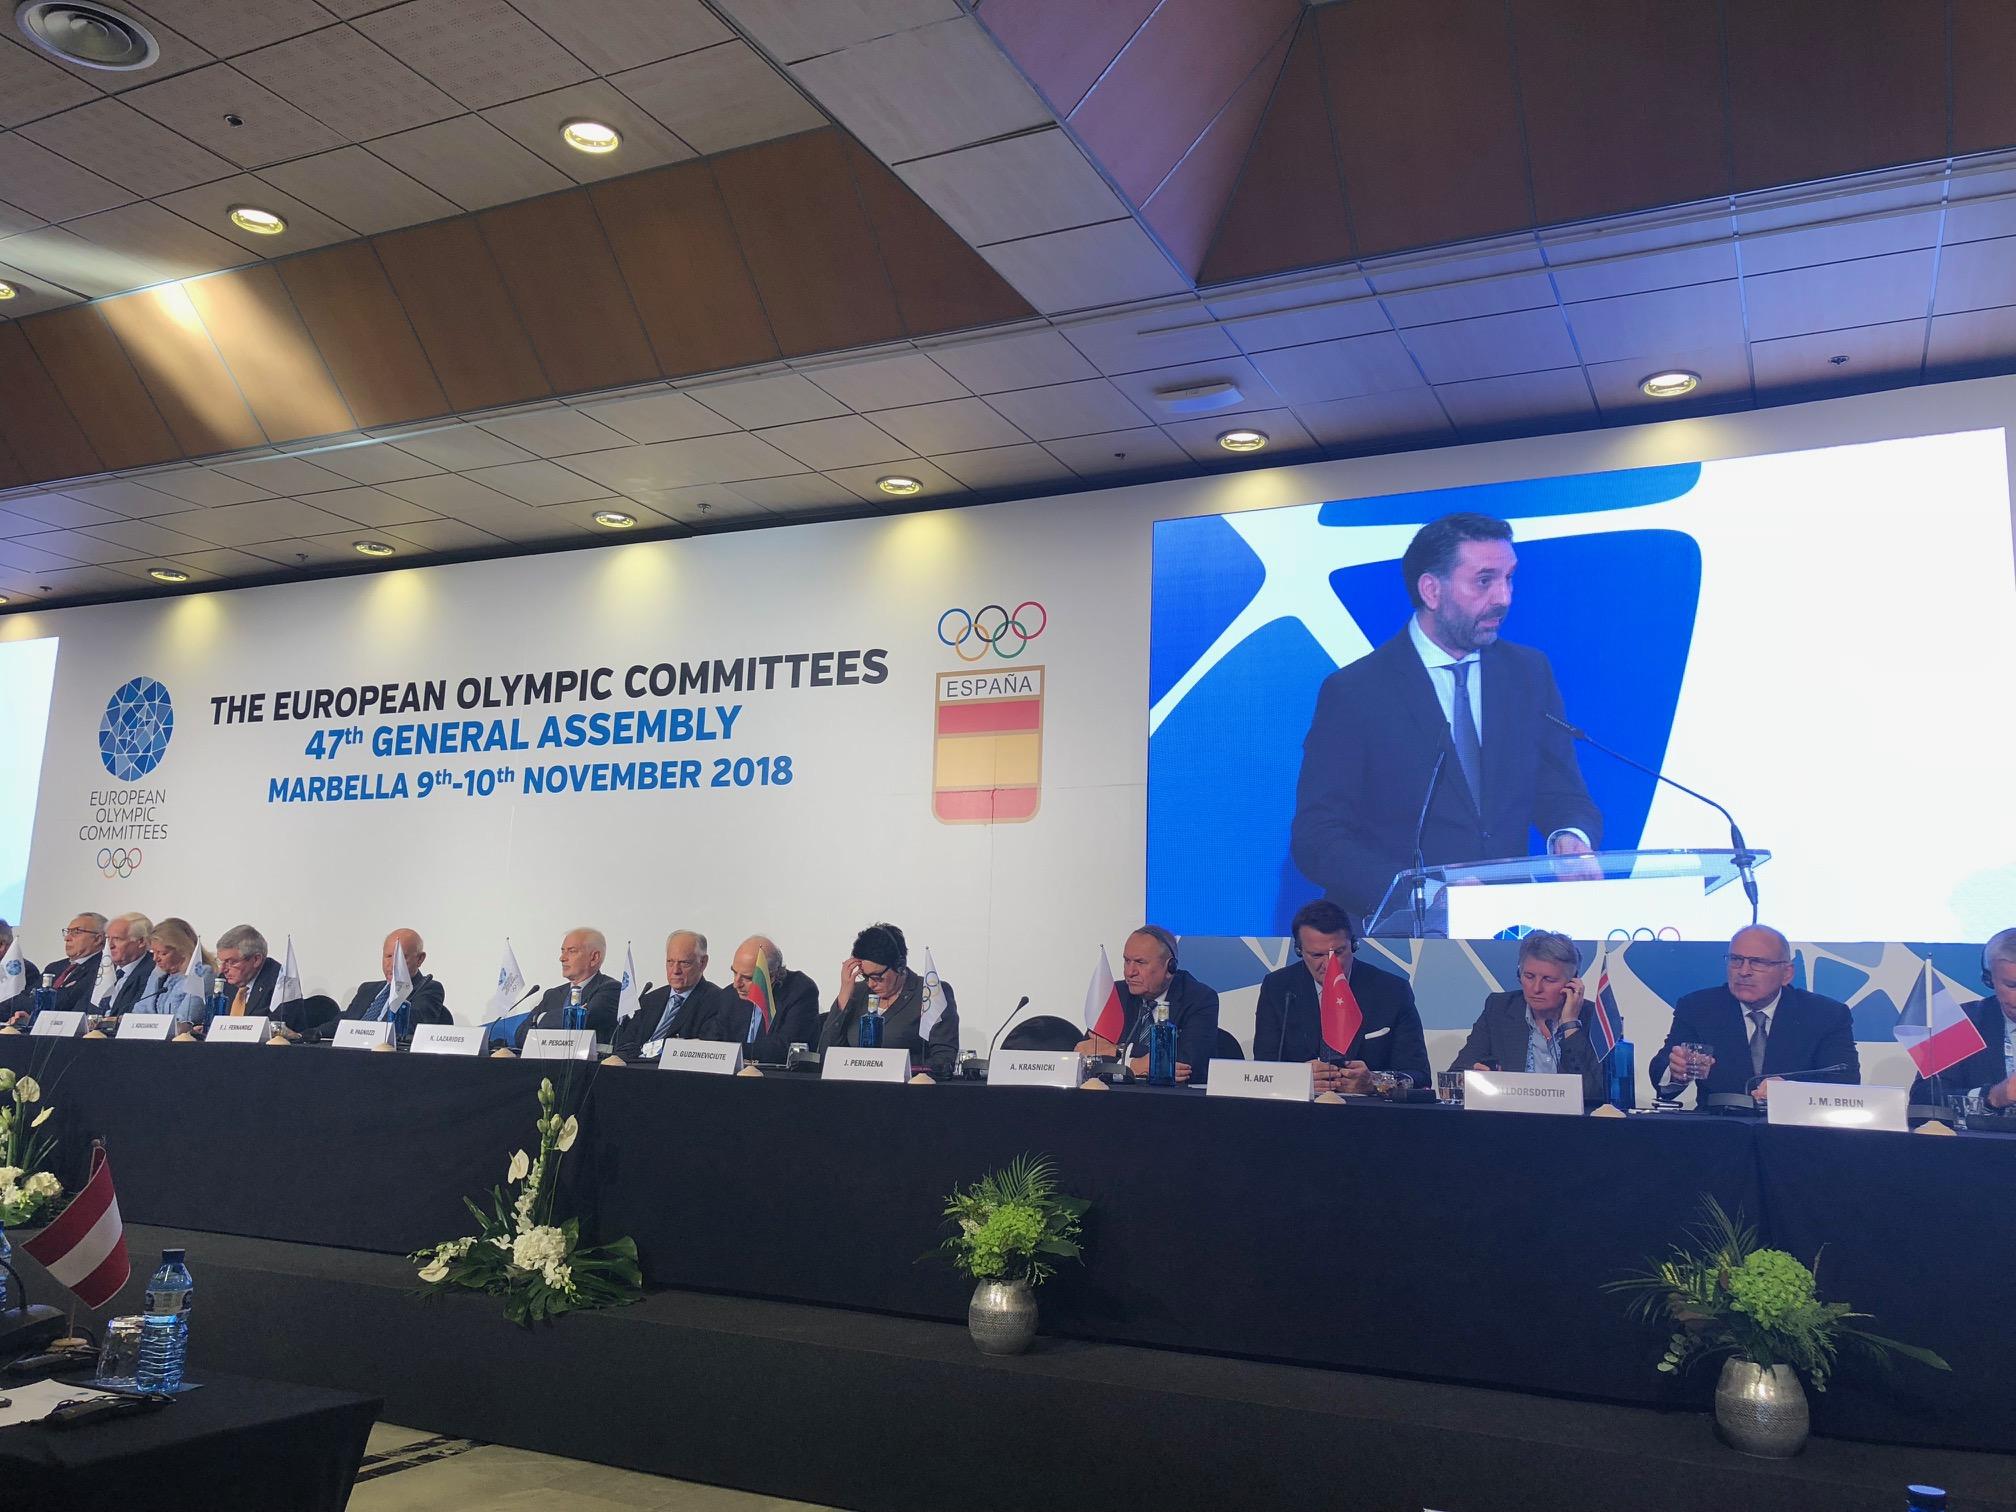 Fernández destaca la importancia del movimiento olímpico como herramienta para desarrollar valores en la sociedad